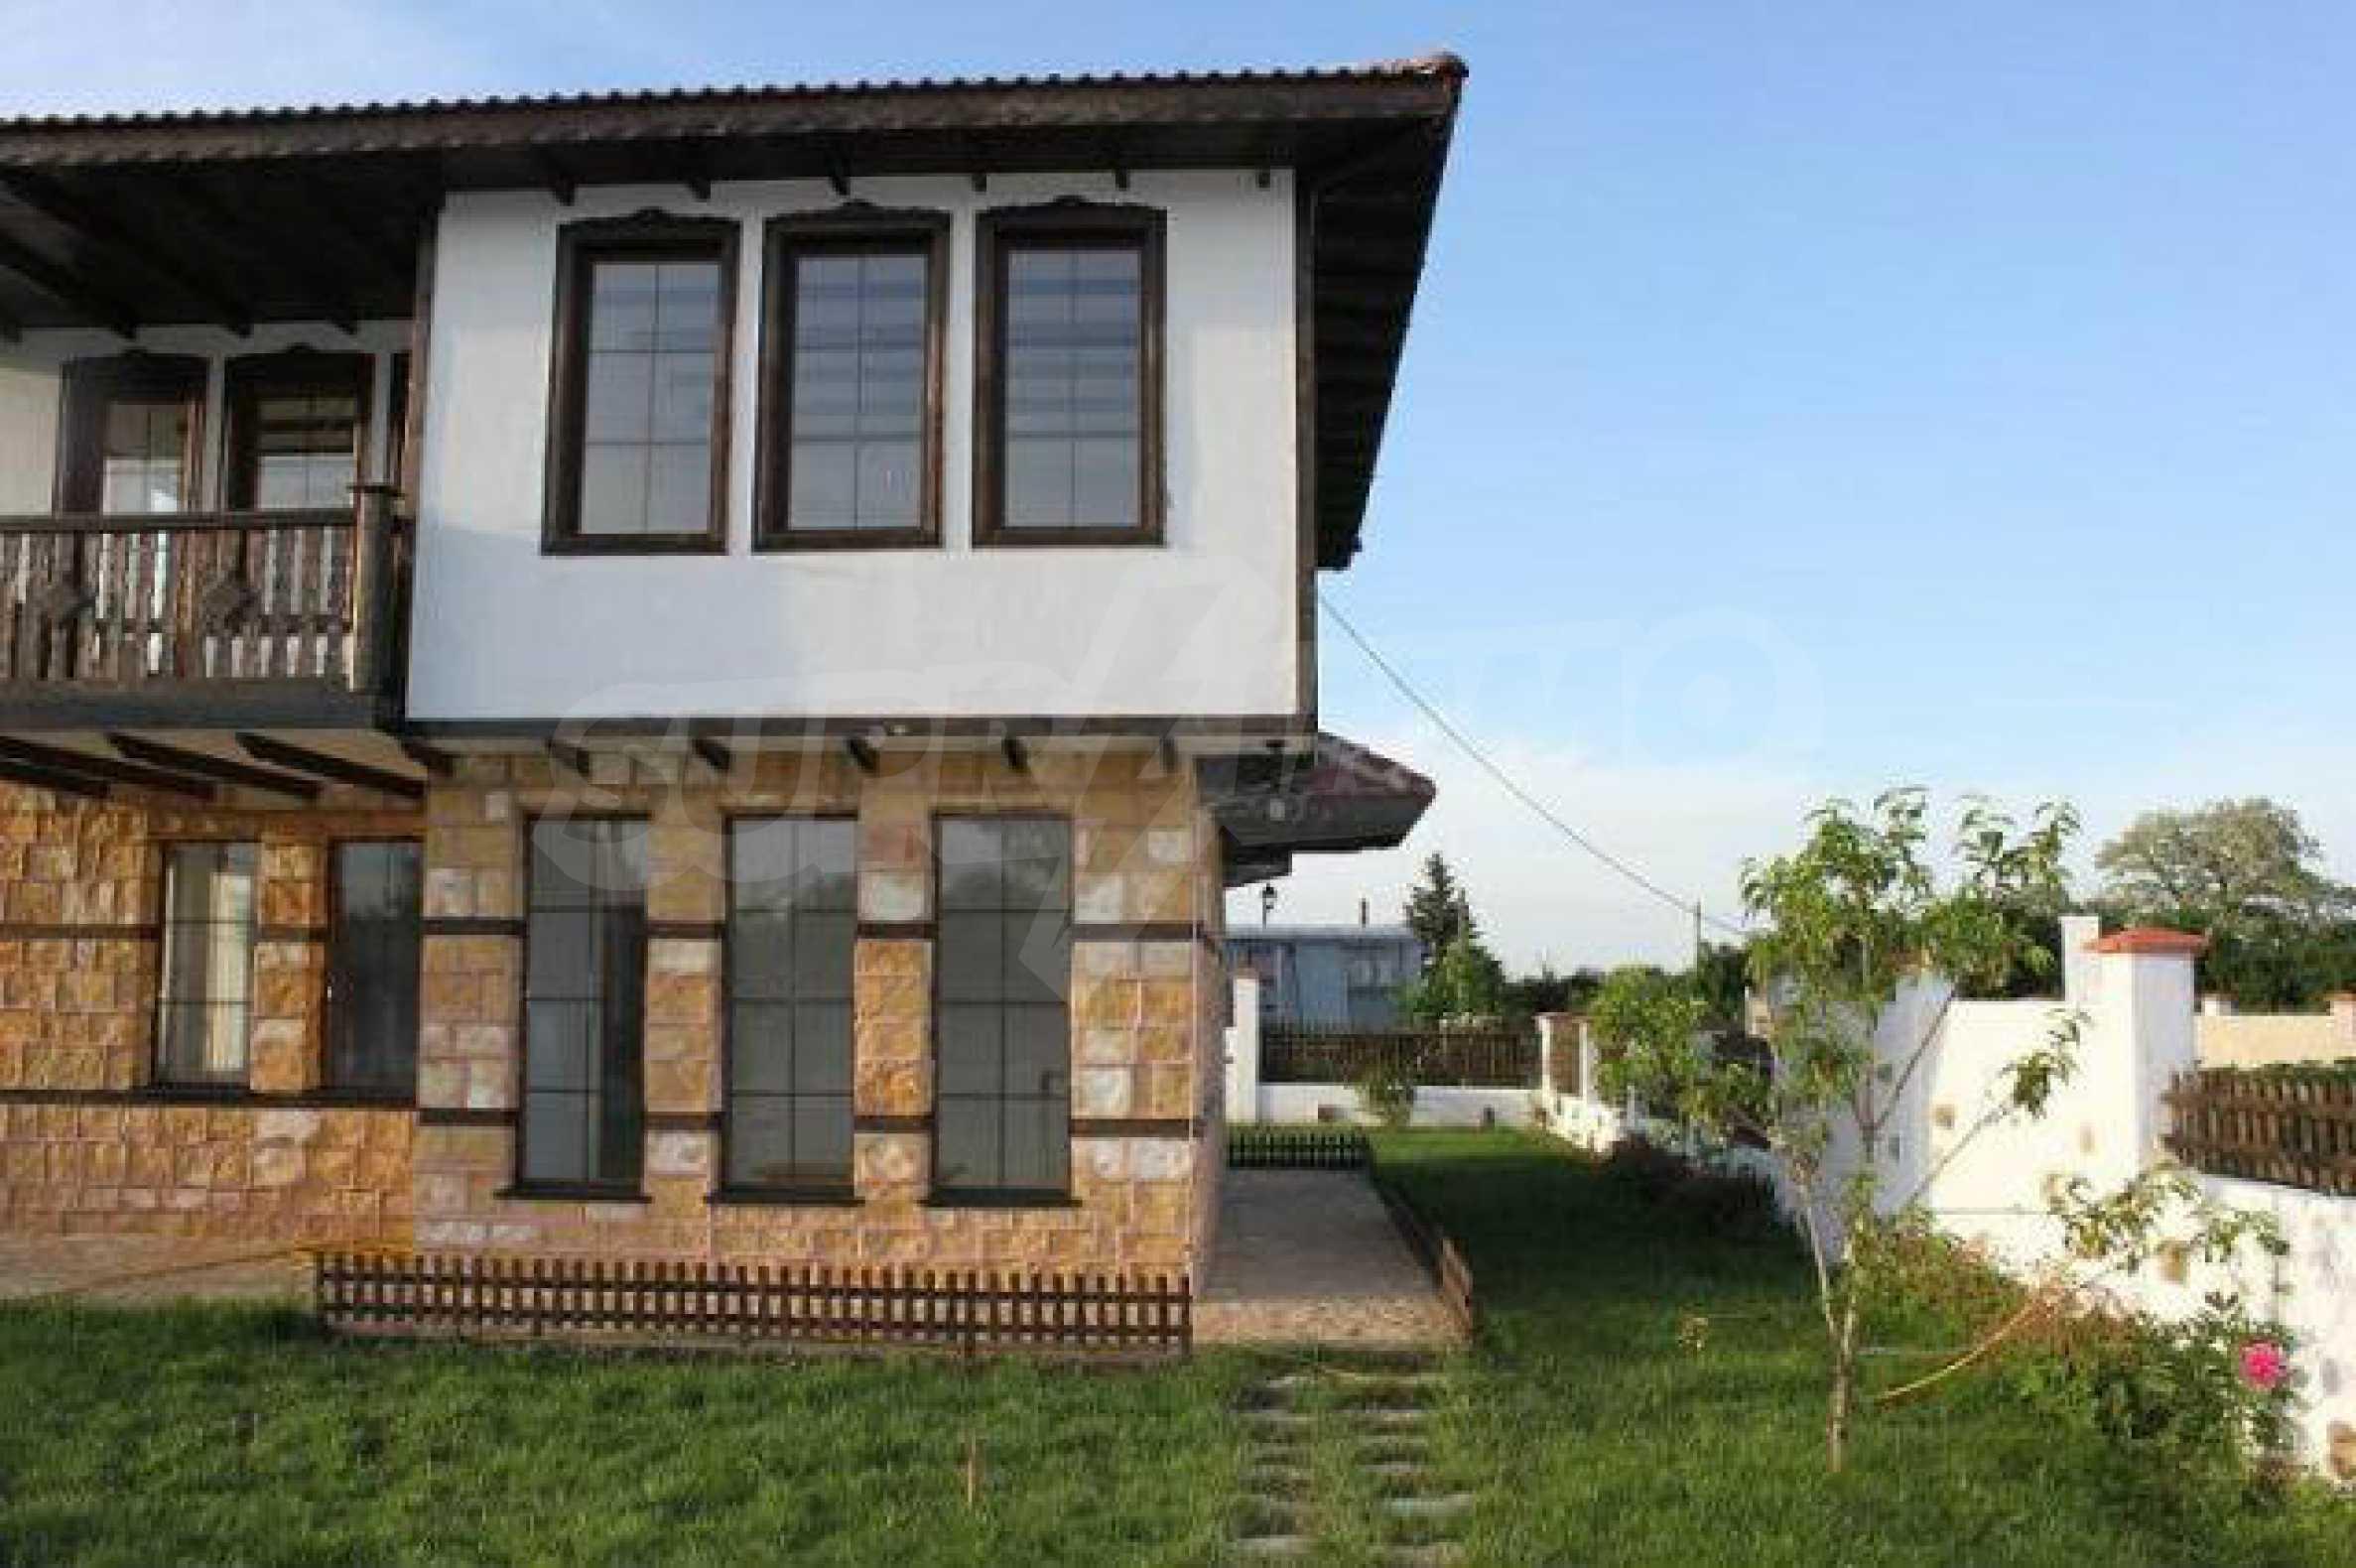 Neues zweistöckiges Haus 8 km von Baltschik entfernt 16